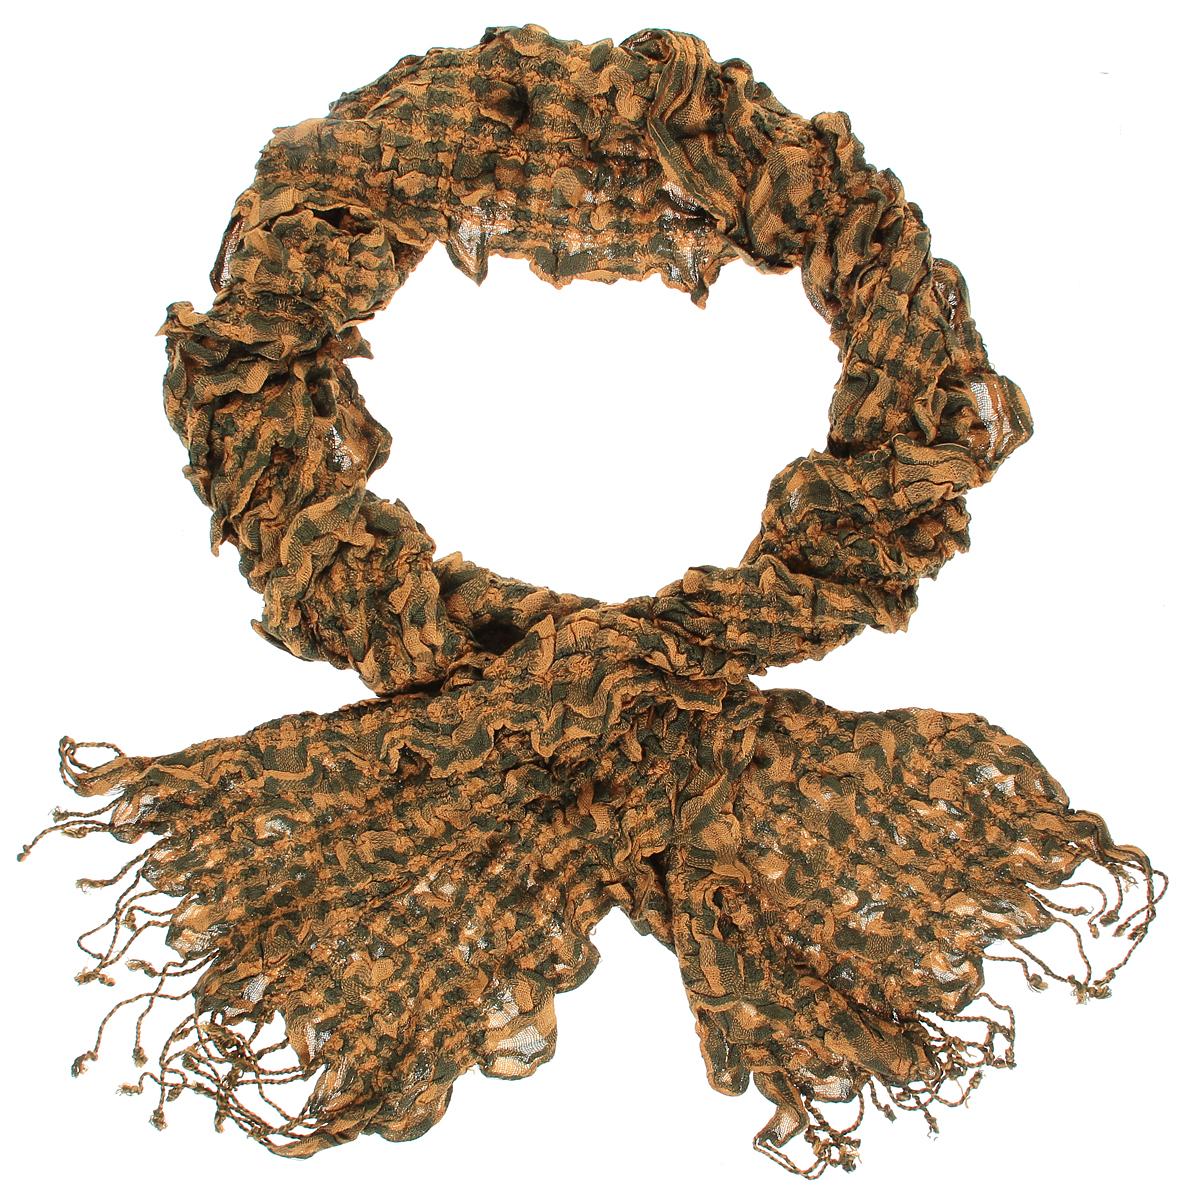 Шарф184090нЭлегантный женский шарф Ethnica подчеркнет ваш неповторимый образ. Он выполнен из мягкой вискозы жатой фактуры и оформлен принтом в клетку. По краям модель декорирована кисточками, скрученными в жгутики. Этот модный аксессуар женского гардероба гармонично дополнит образ современной женщины, следящей за своим имиджем и стремящейся всегда оставаться стильной и элегантной.